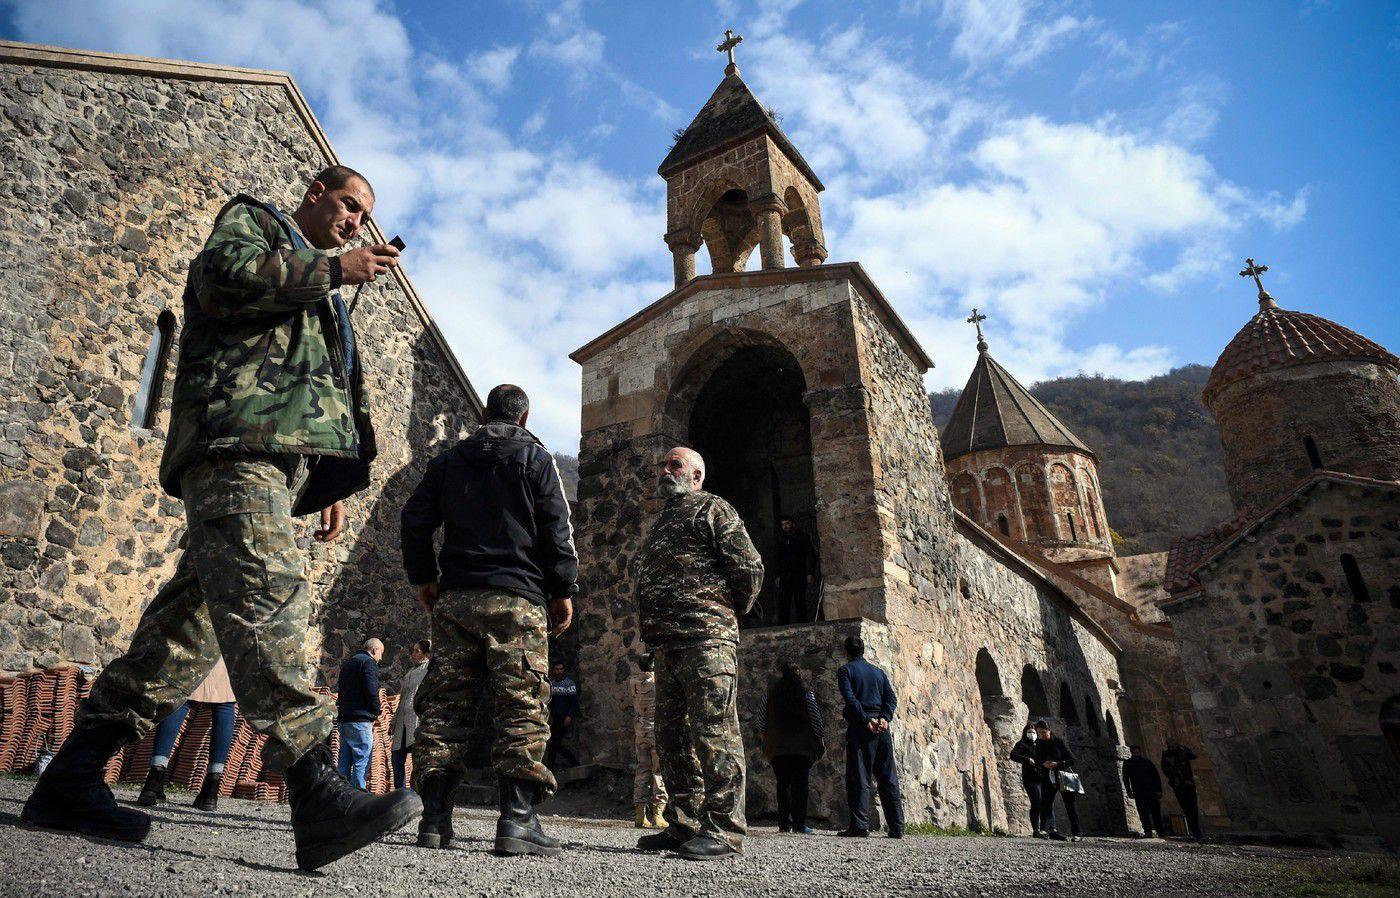 Des soldats arméniens visitent pour la dernière fois le 12 novembre 2020 le monastère de Dadivank dans le district de Kaljabar, passé sous contrôle azerbaïdjanais, après l'accord mettant fin au conflit au Nagorny Karabakh / AFP